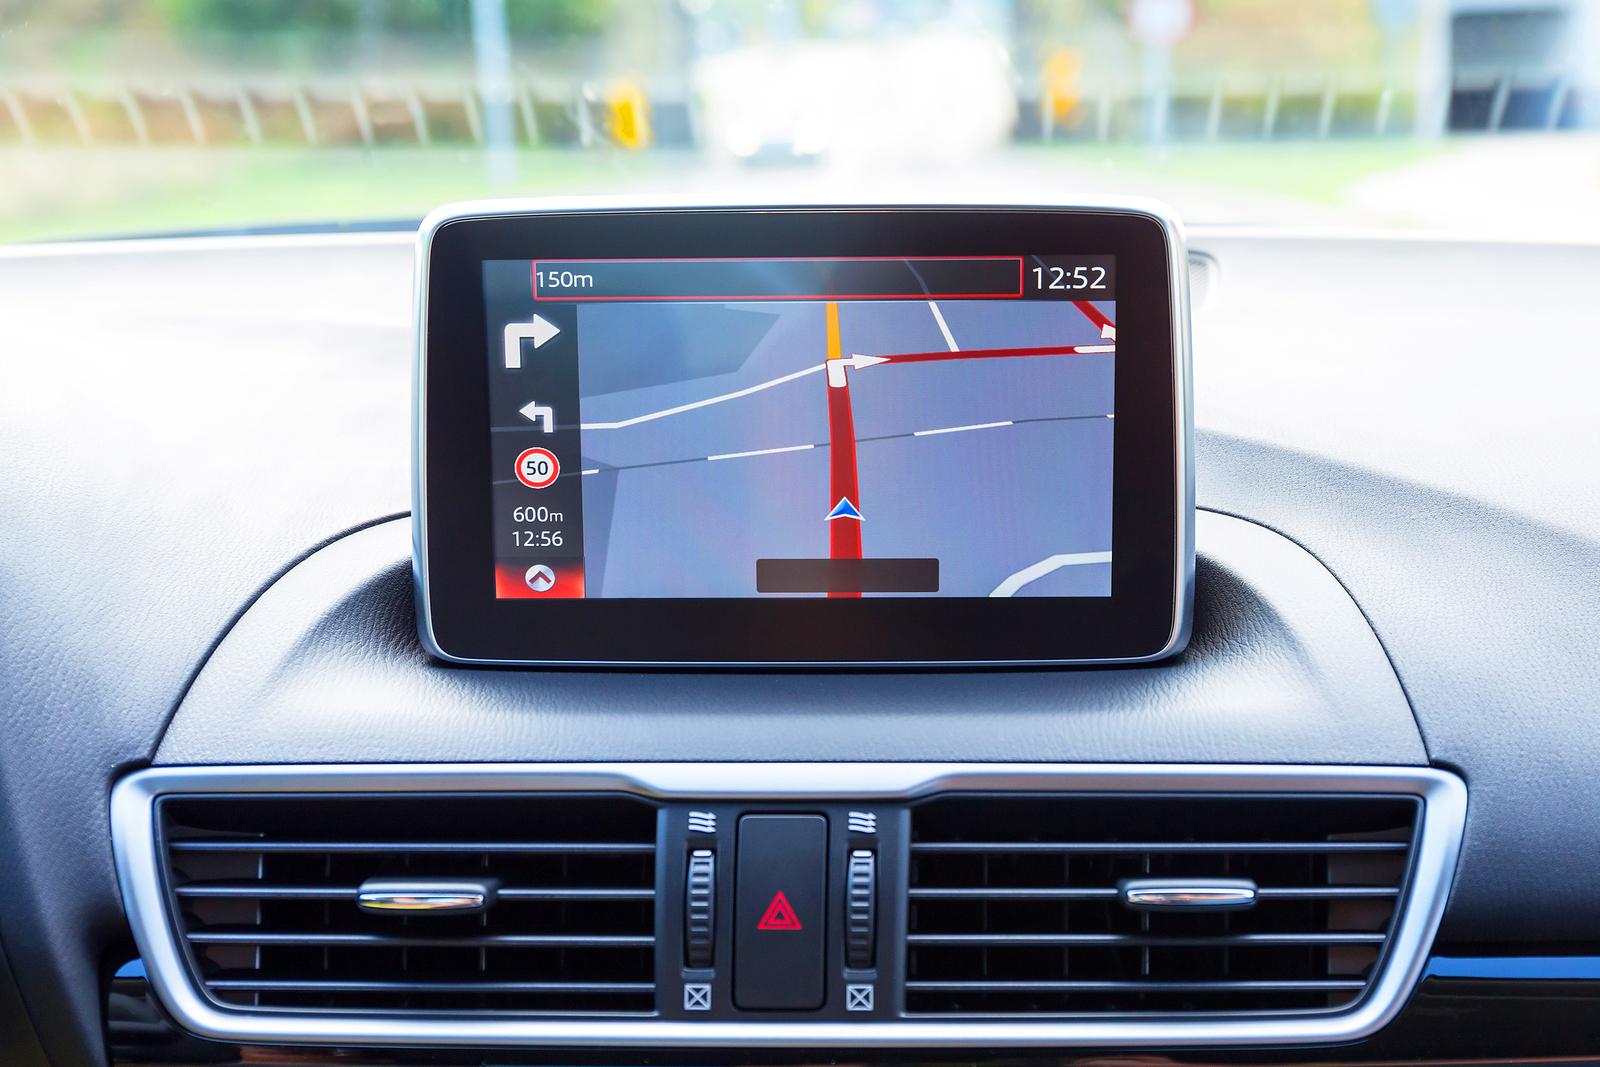 Sat Nav in car dashboard